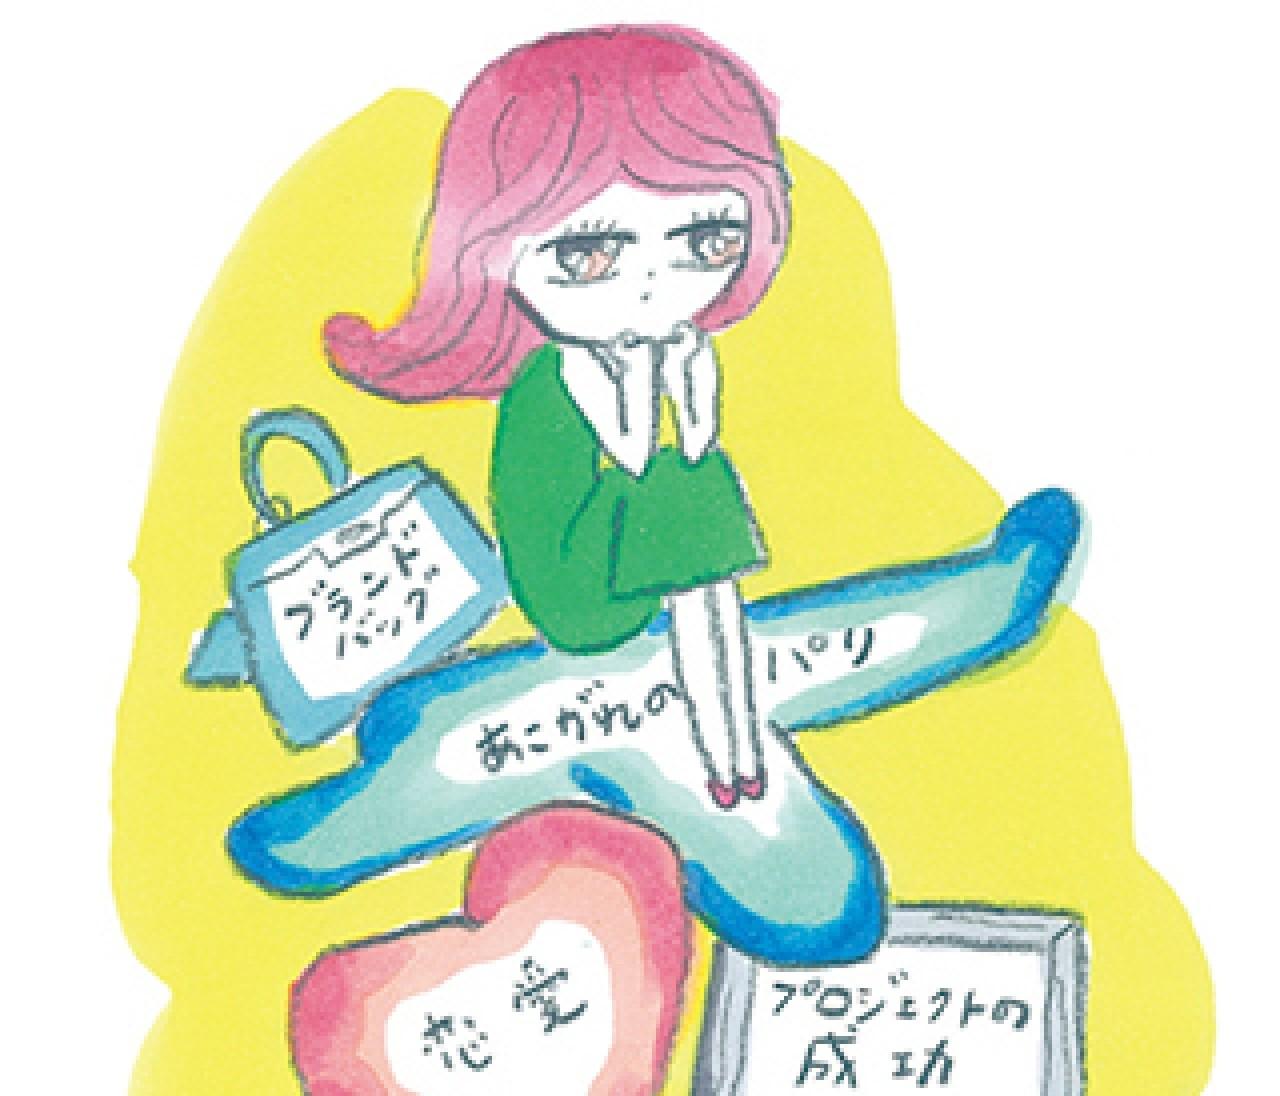 やりたいことはやってしまって目標がない【人生に飽きた感の実態4パターン③】